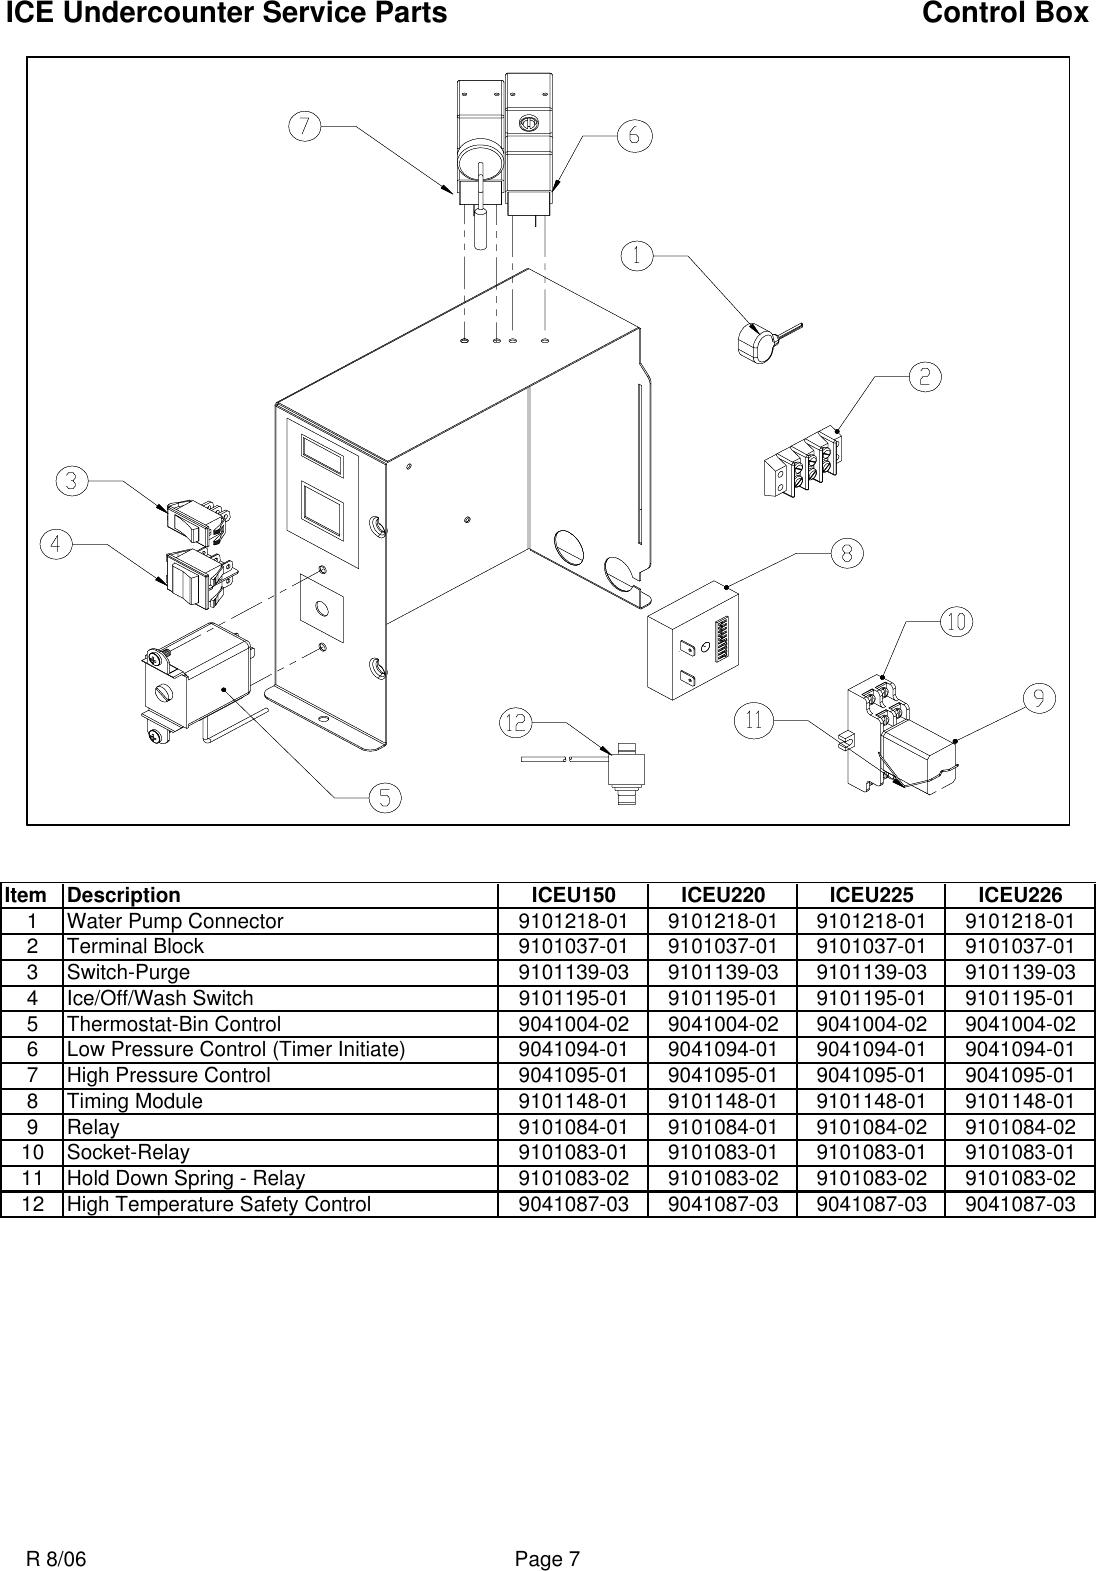 Ice O Matic Iceu150 Users Manual ICEU 150 220 225 226